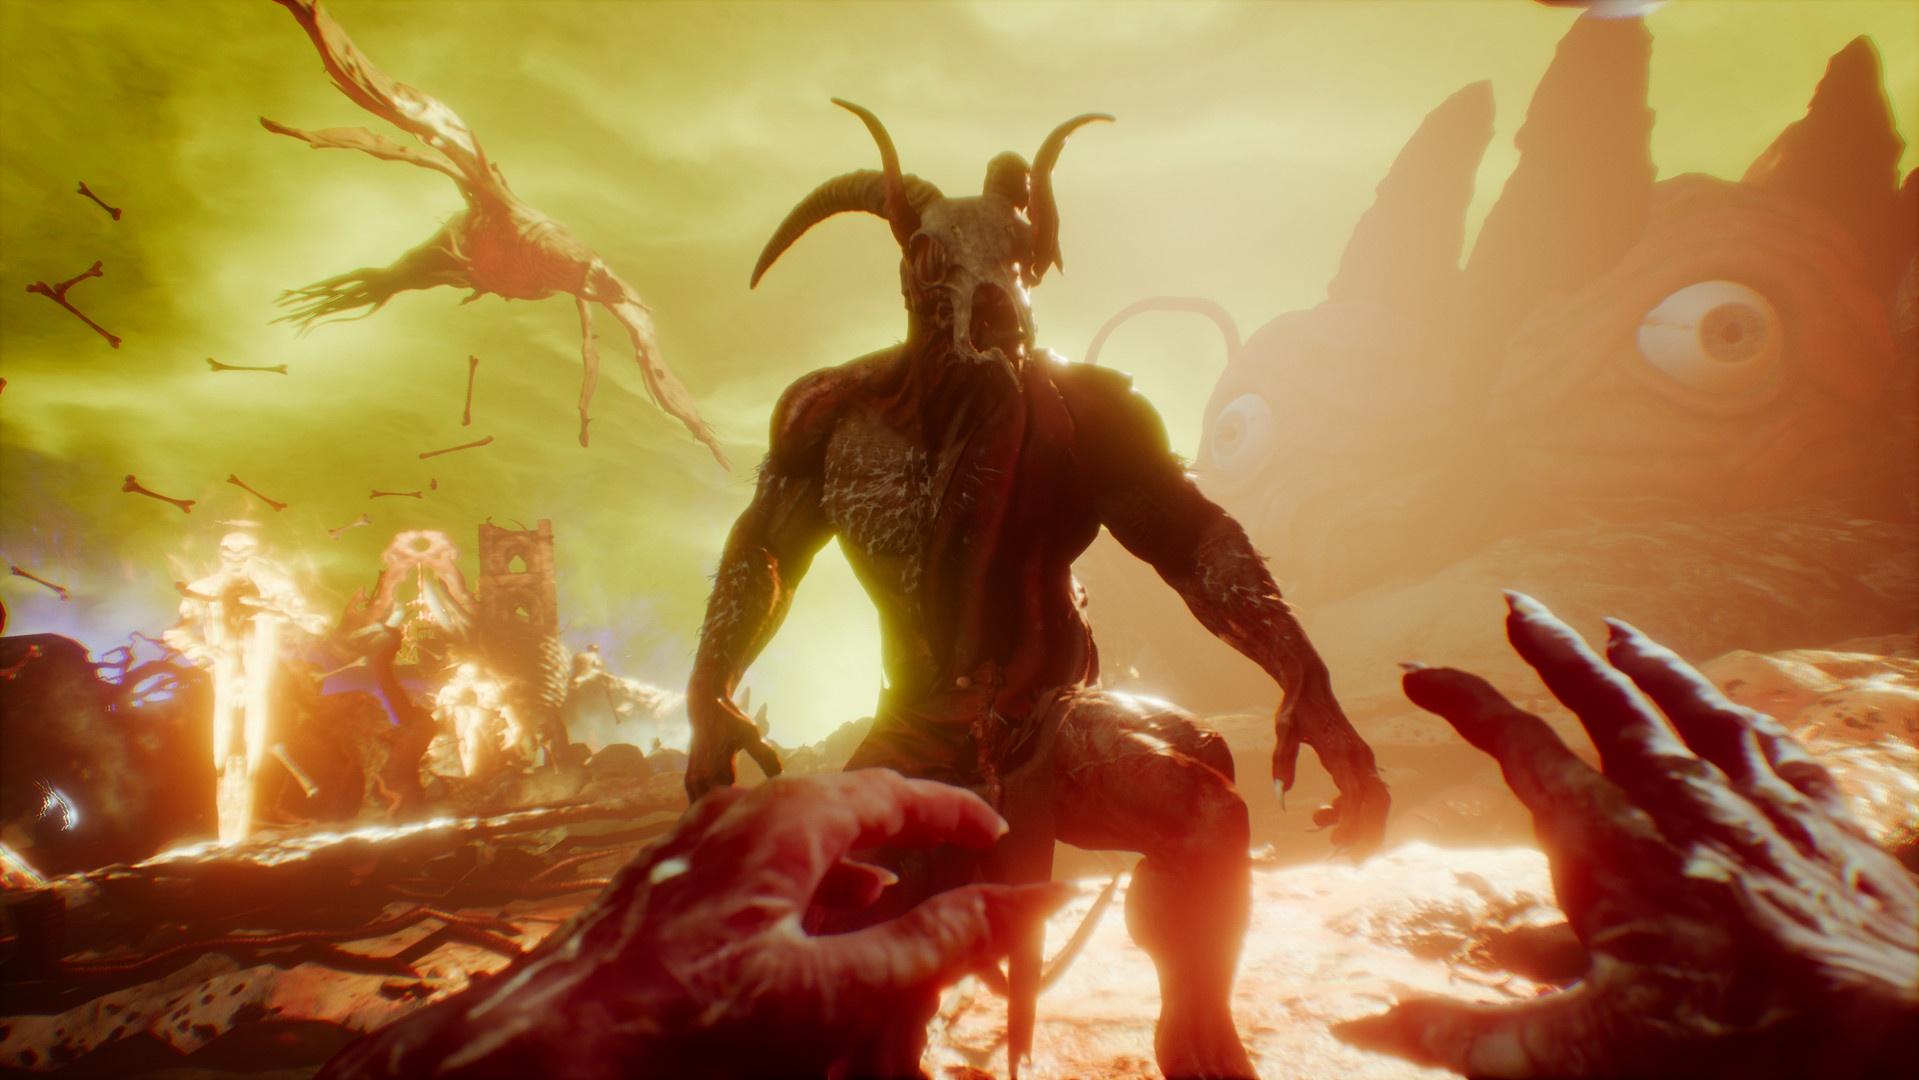 Оставь надежду, всяк сюда входящий: 10 игр с самым атмосферным адом